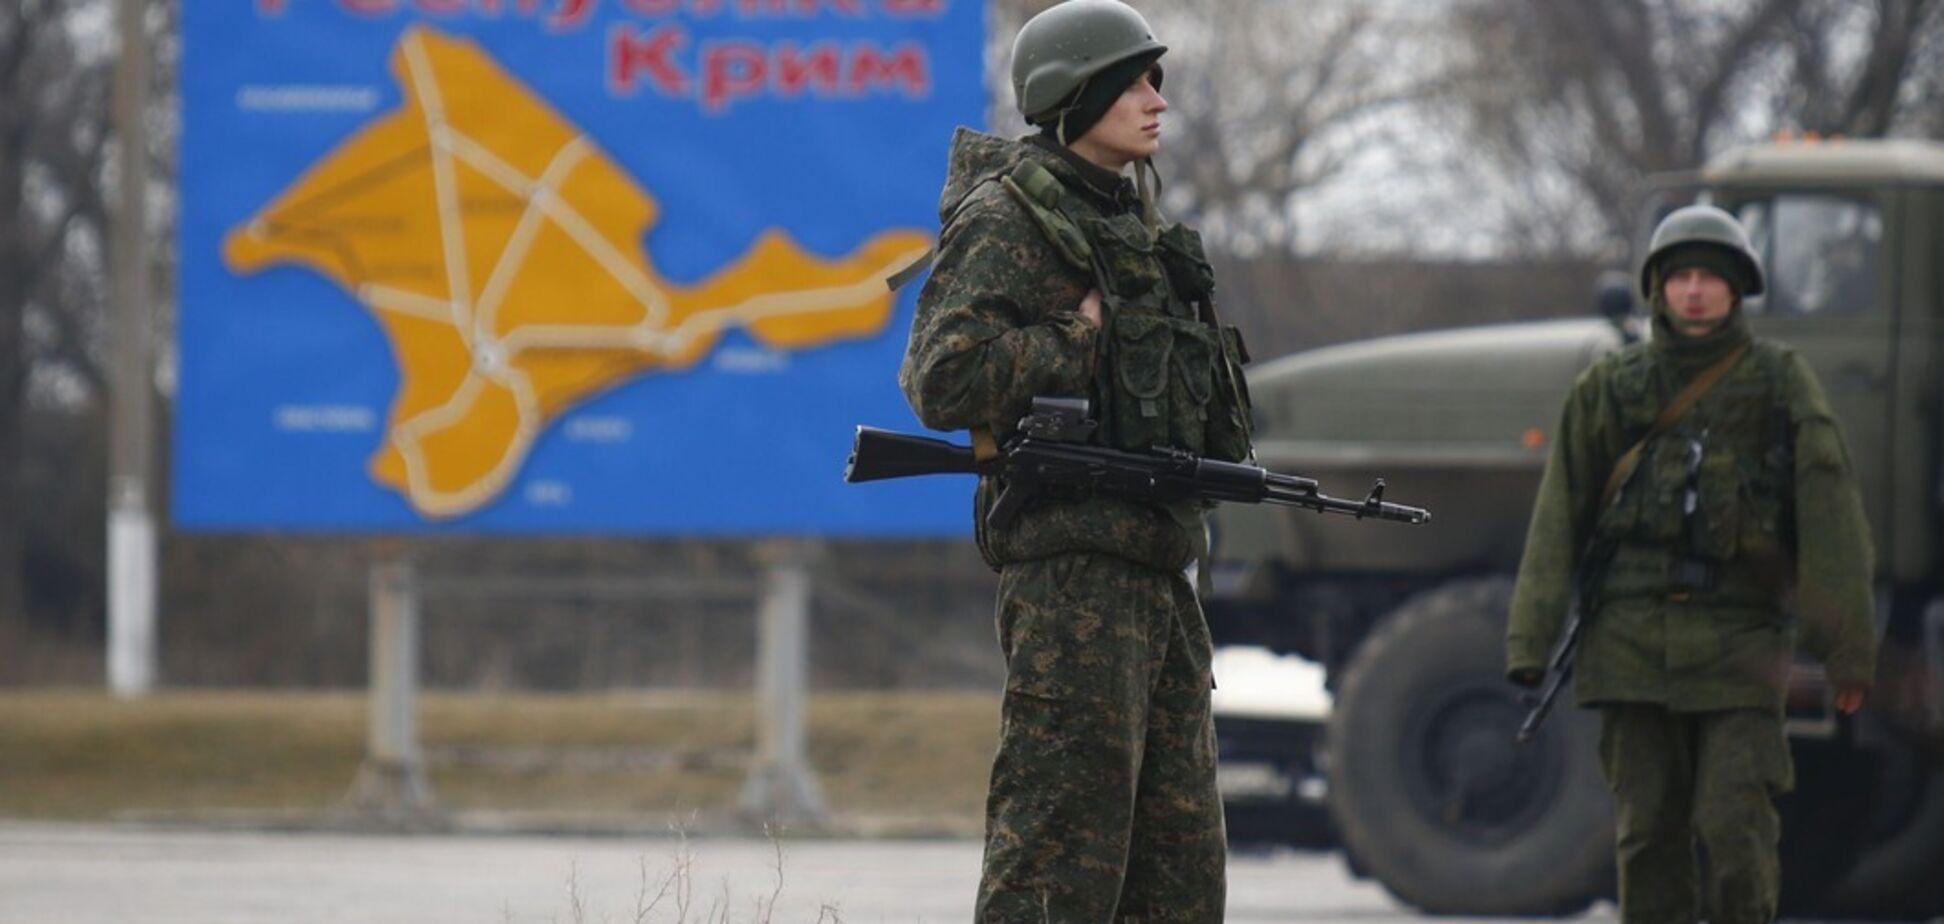 Дії Росії в Криму підпадають під кваліфікацію 'військові злочини'